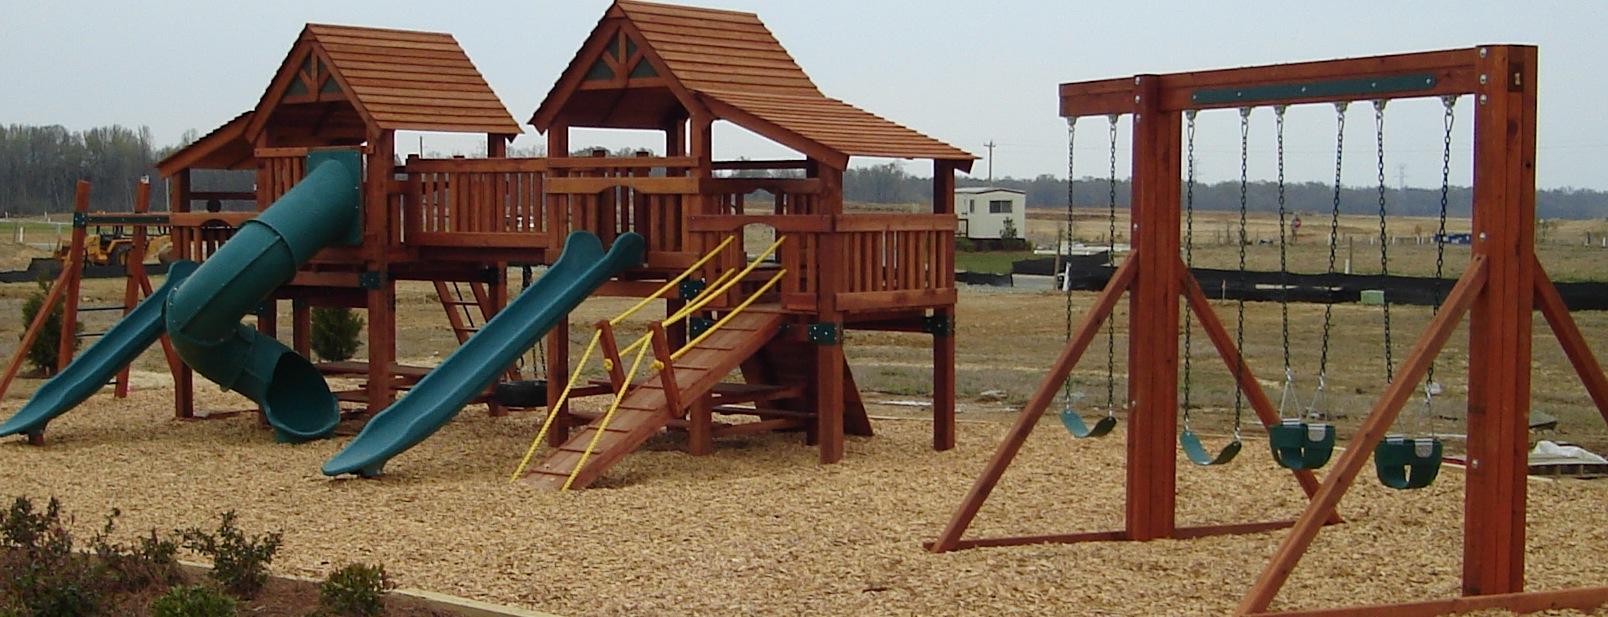 MM-Playground-1